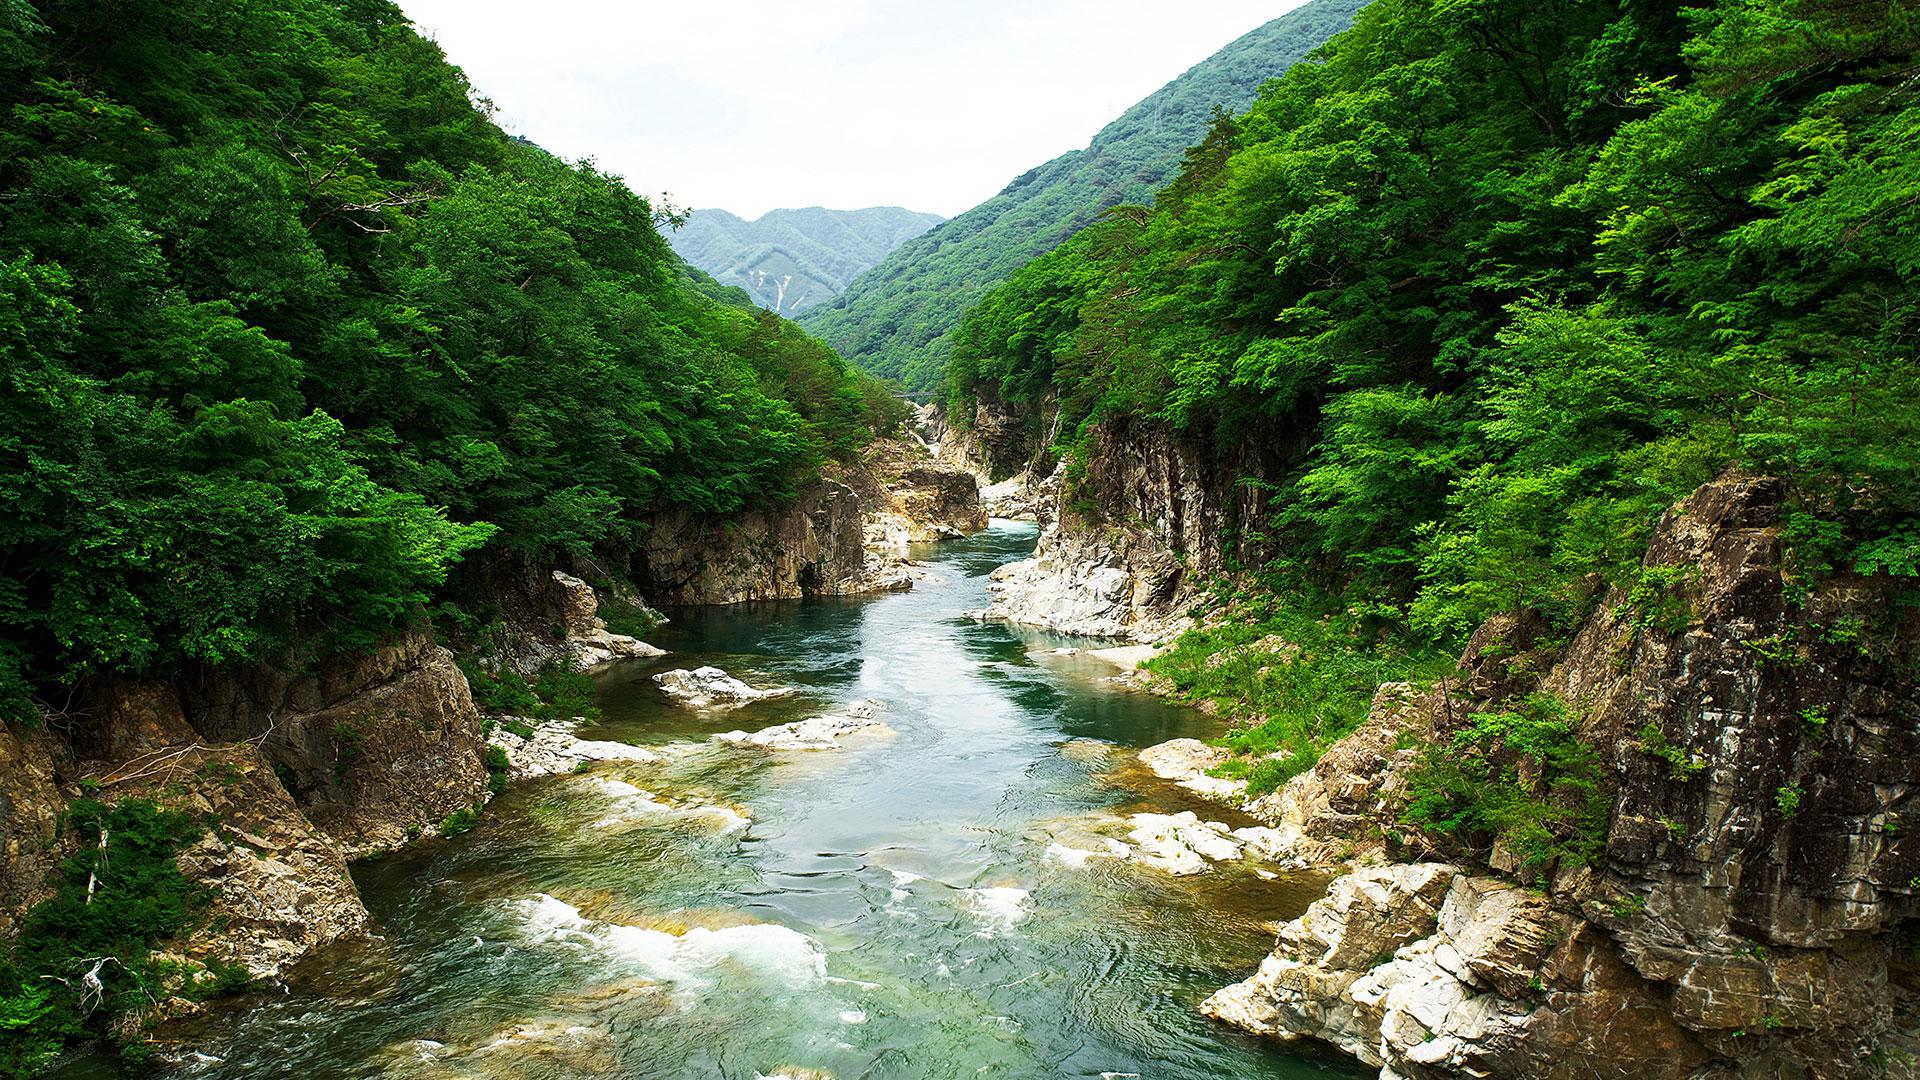 Parque Nikko hero asset